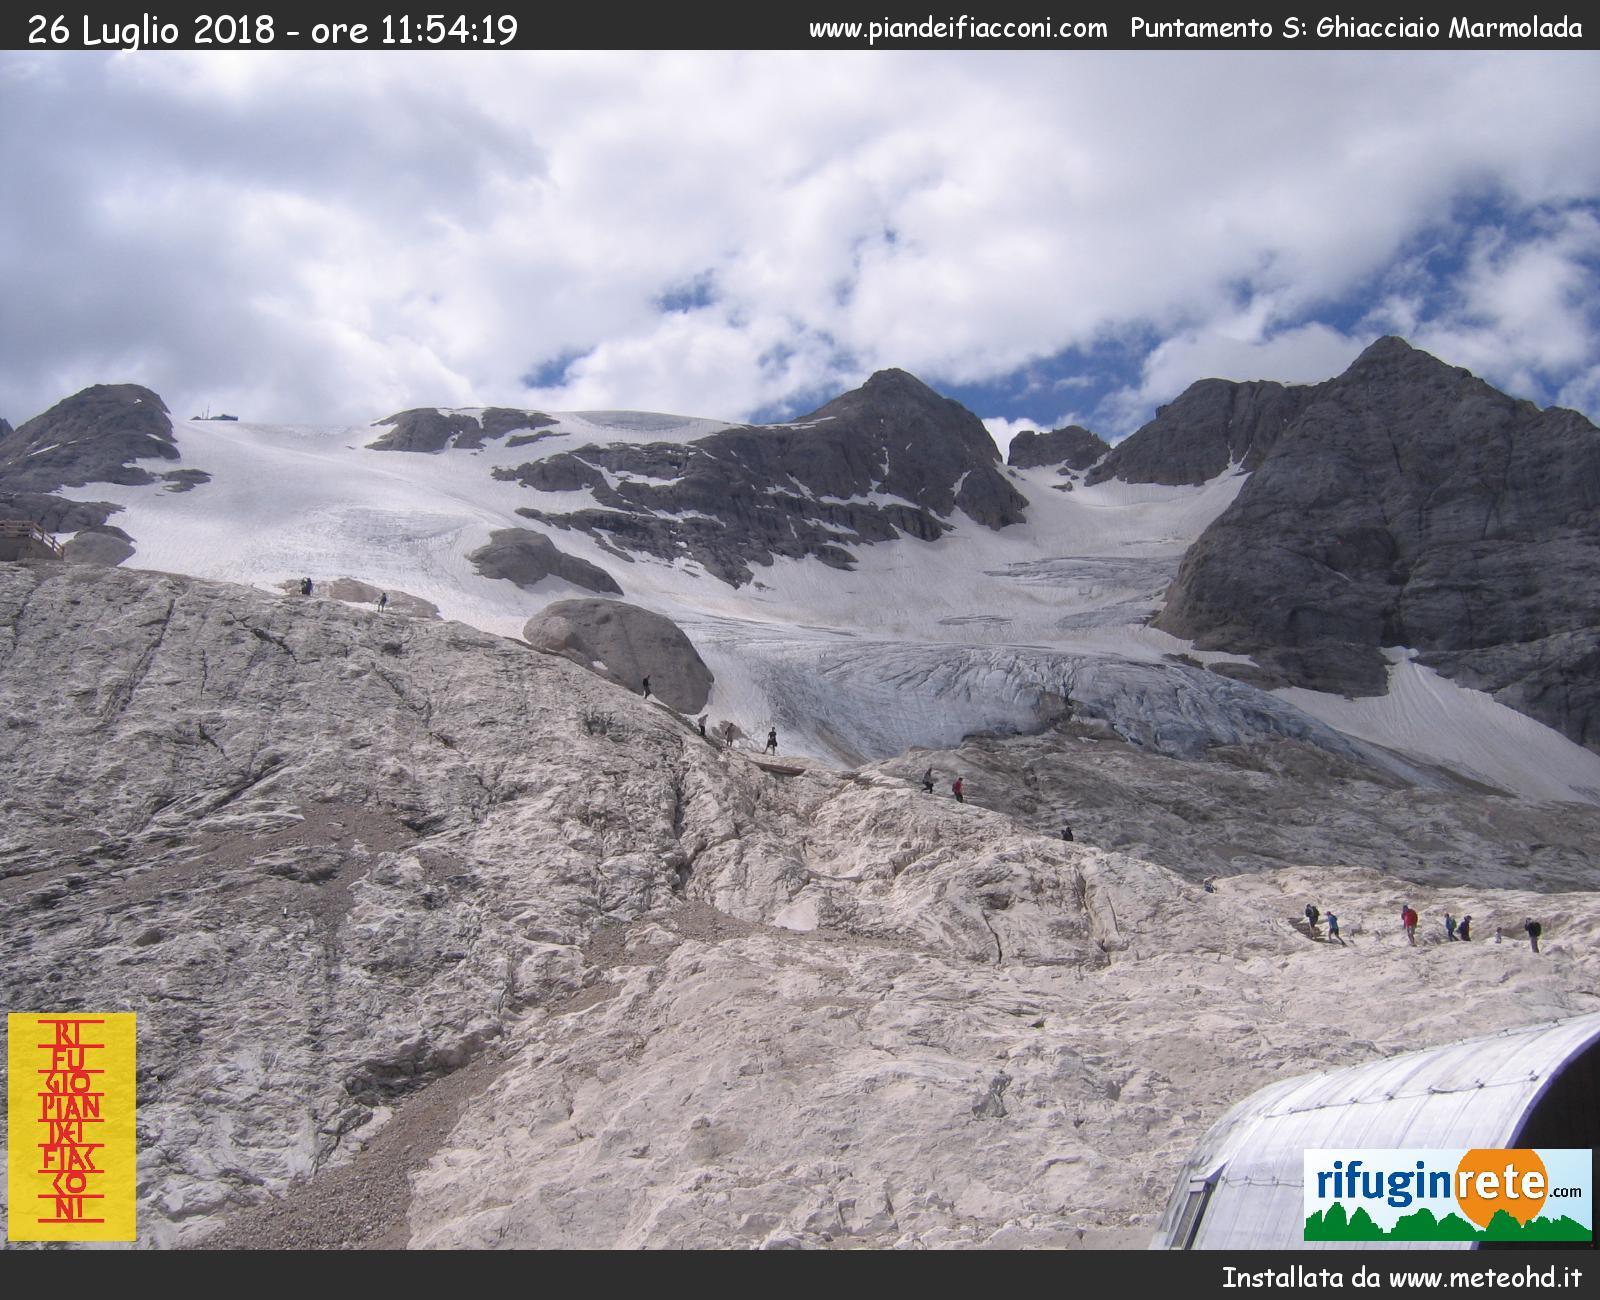 Il calo del ghiacciaio della Marmolada-marmolada-ghiacciaio-07-26-18.jpg